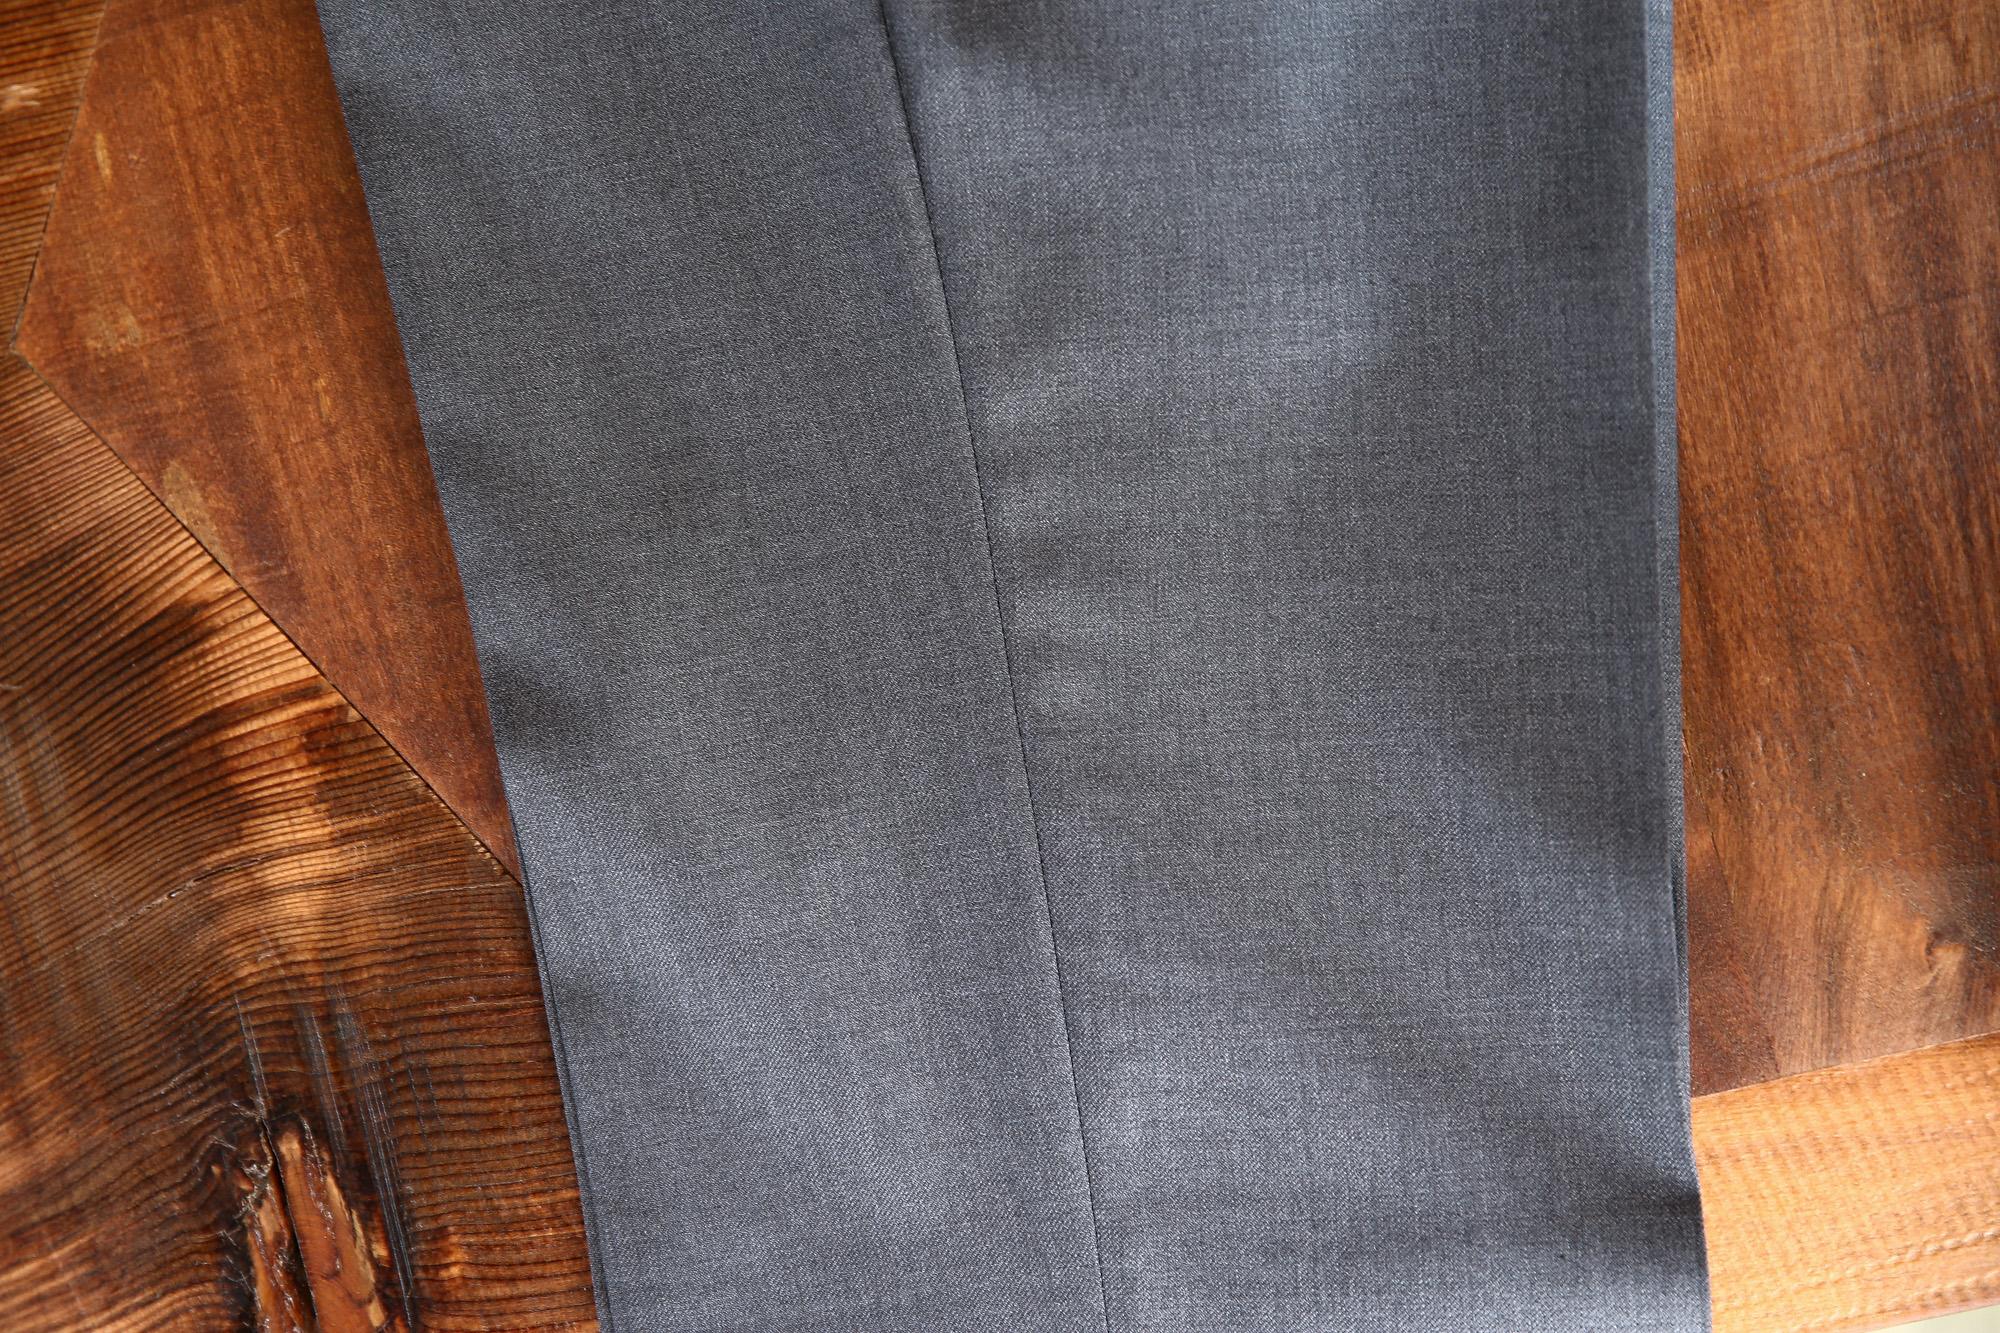 INCOTEX (インコテックス) 1NT035 SLIM FIT スリムフィット SUPER 100'S WOOLLEN TWILL サージウール スラックス MEDIUM GRAY (ミディアムグレー・920) 2017 秋冬新作 incotex インコテックス スラックス 愛知 名古屋 Alto e Diritto アルト エ デリット グレスラ